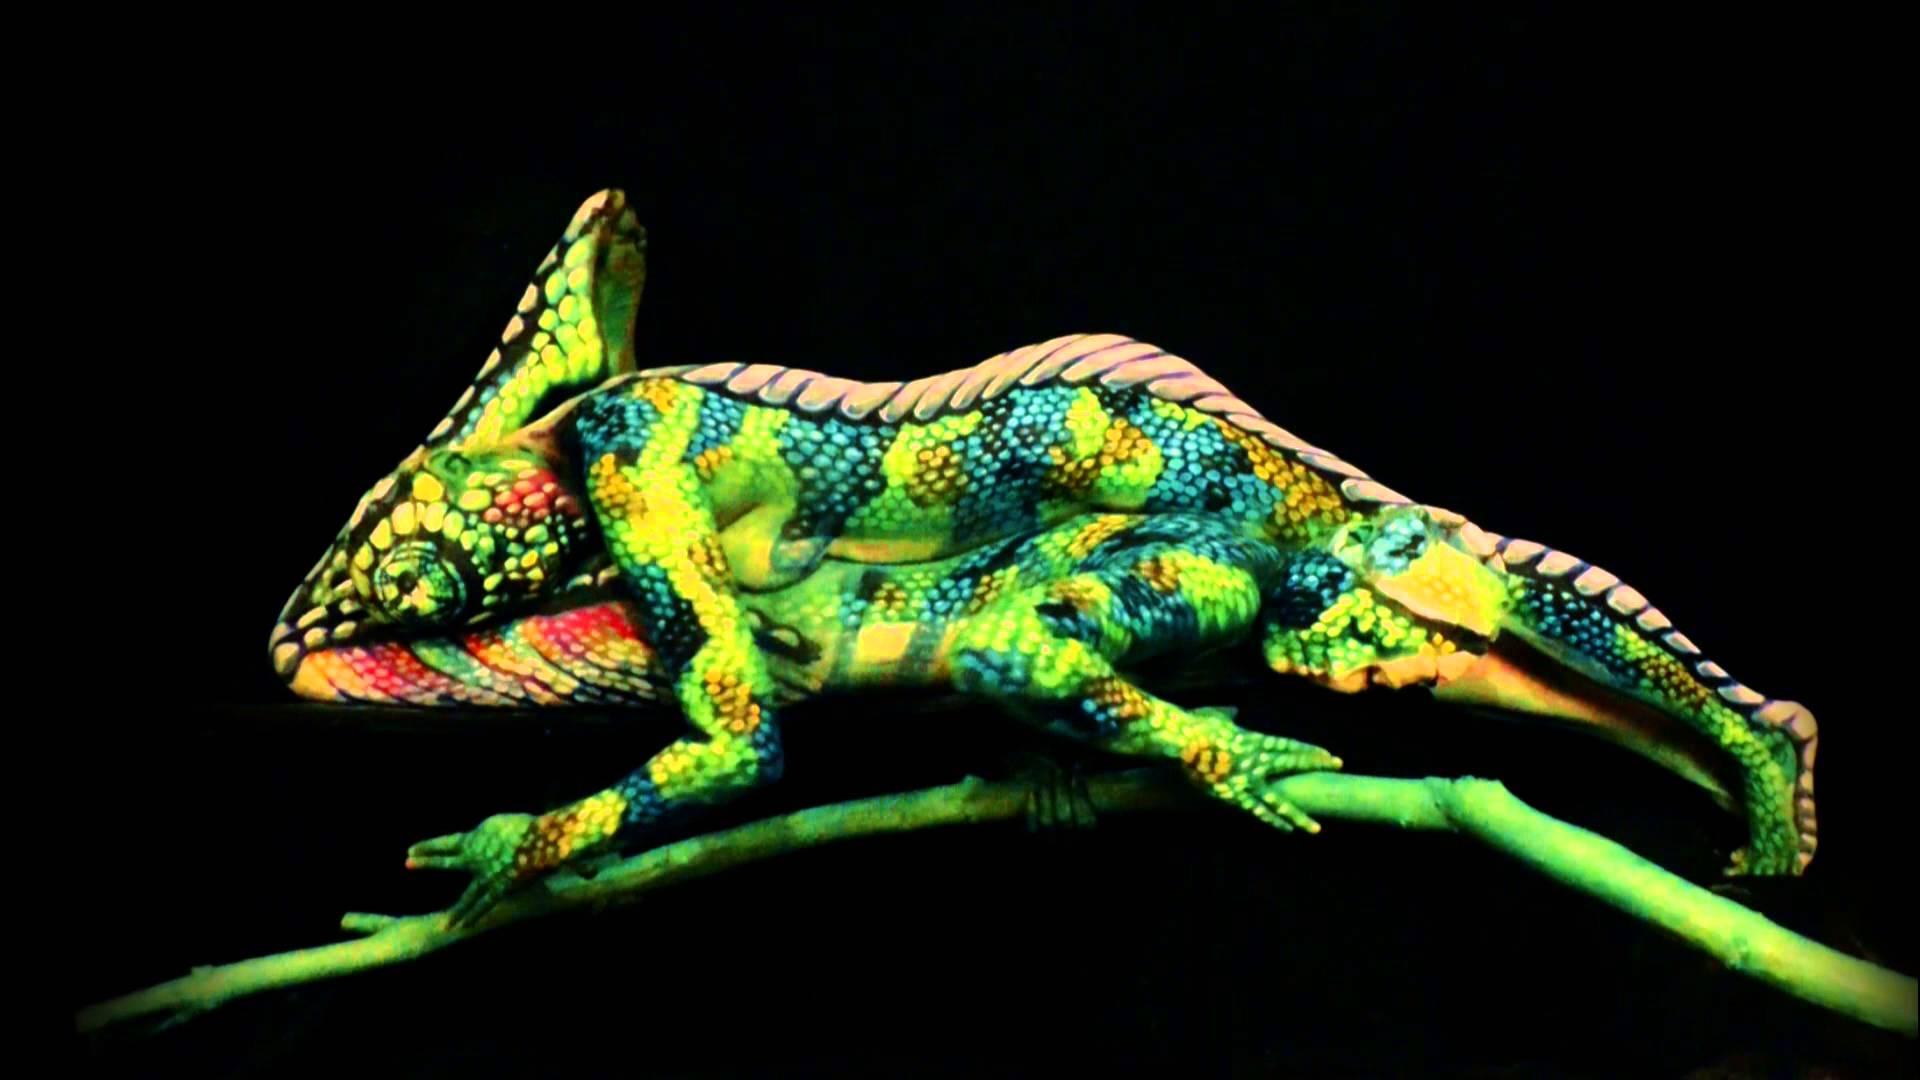 Takového chameleona jste TUTOVĚ ještě neviděli!